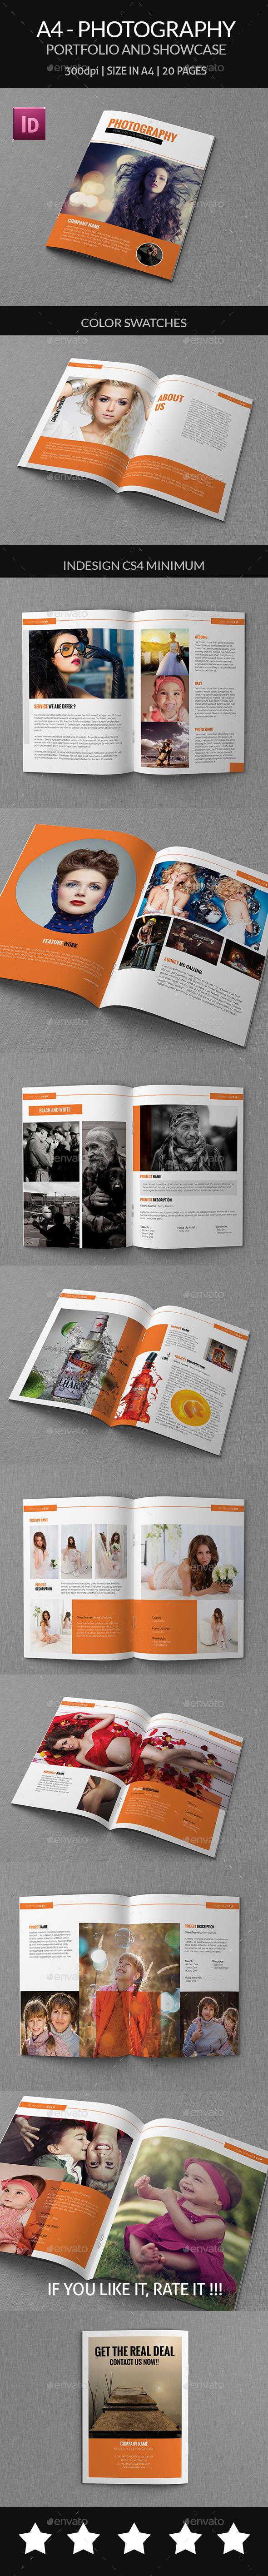 A4 - Photography Portfolio and Showcase - Portfolio Brochures